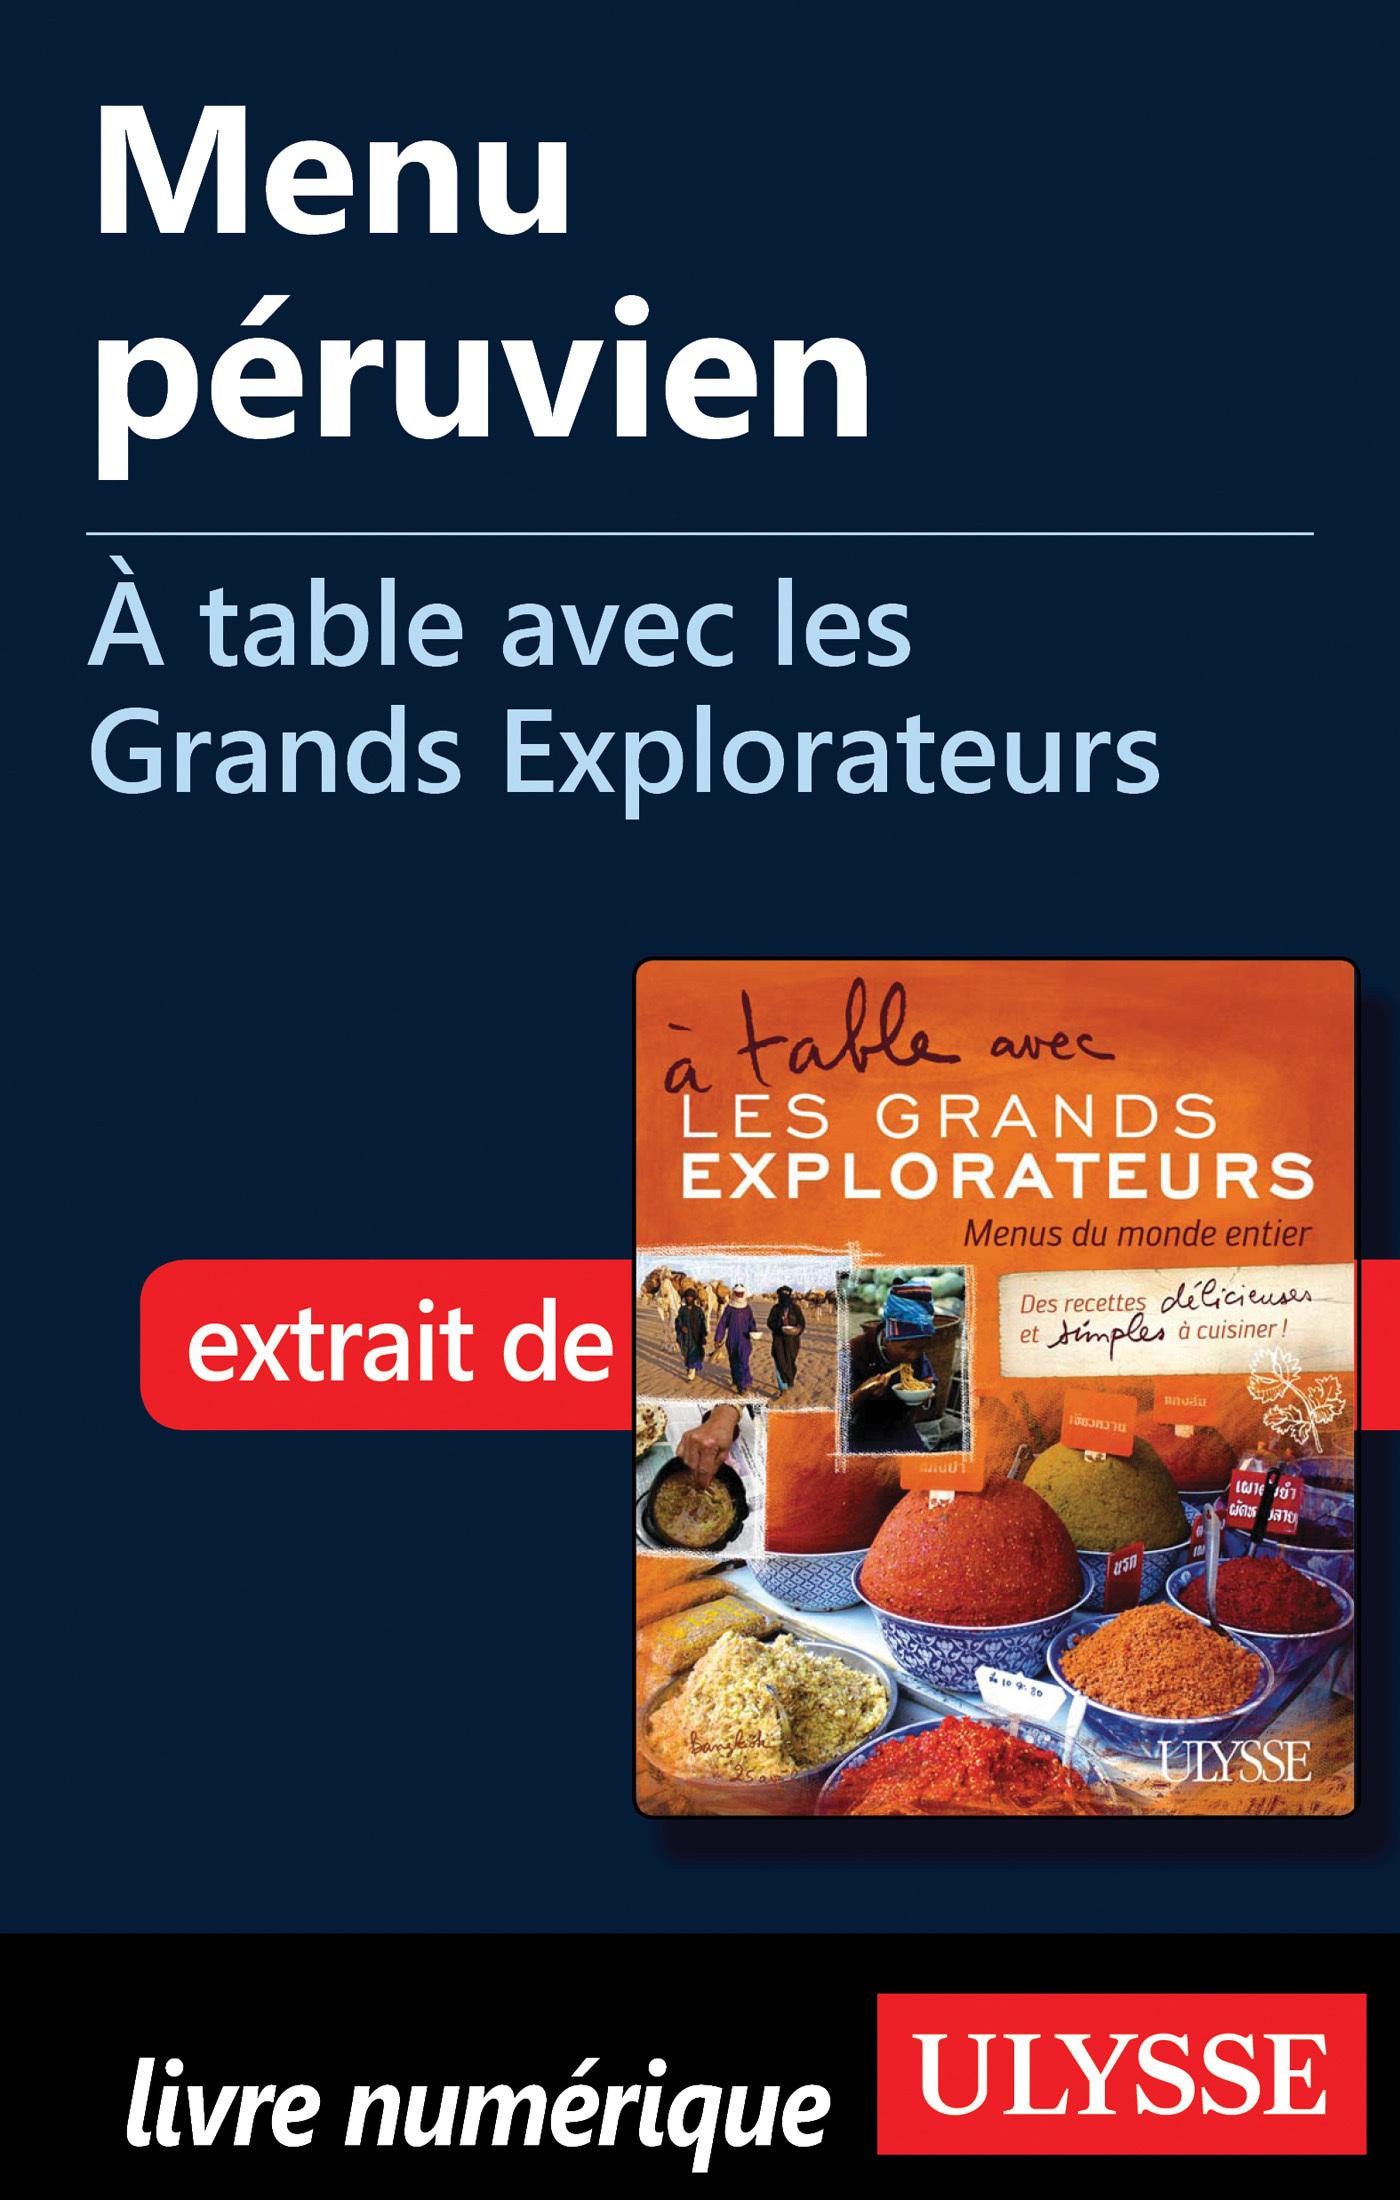 Menu péruvien - A table avec les Grands Explorateurs